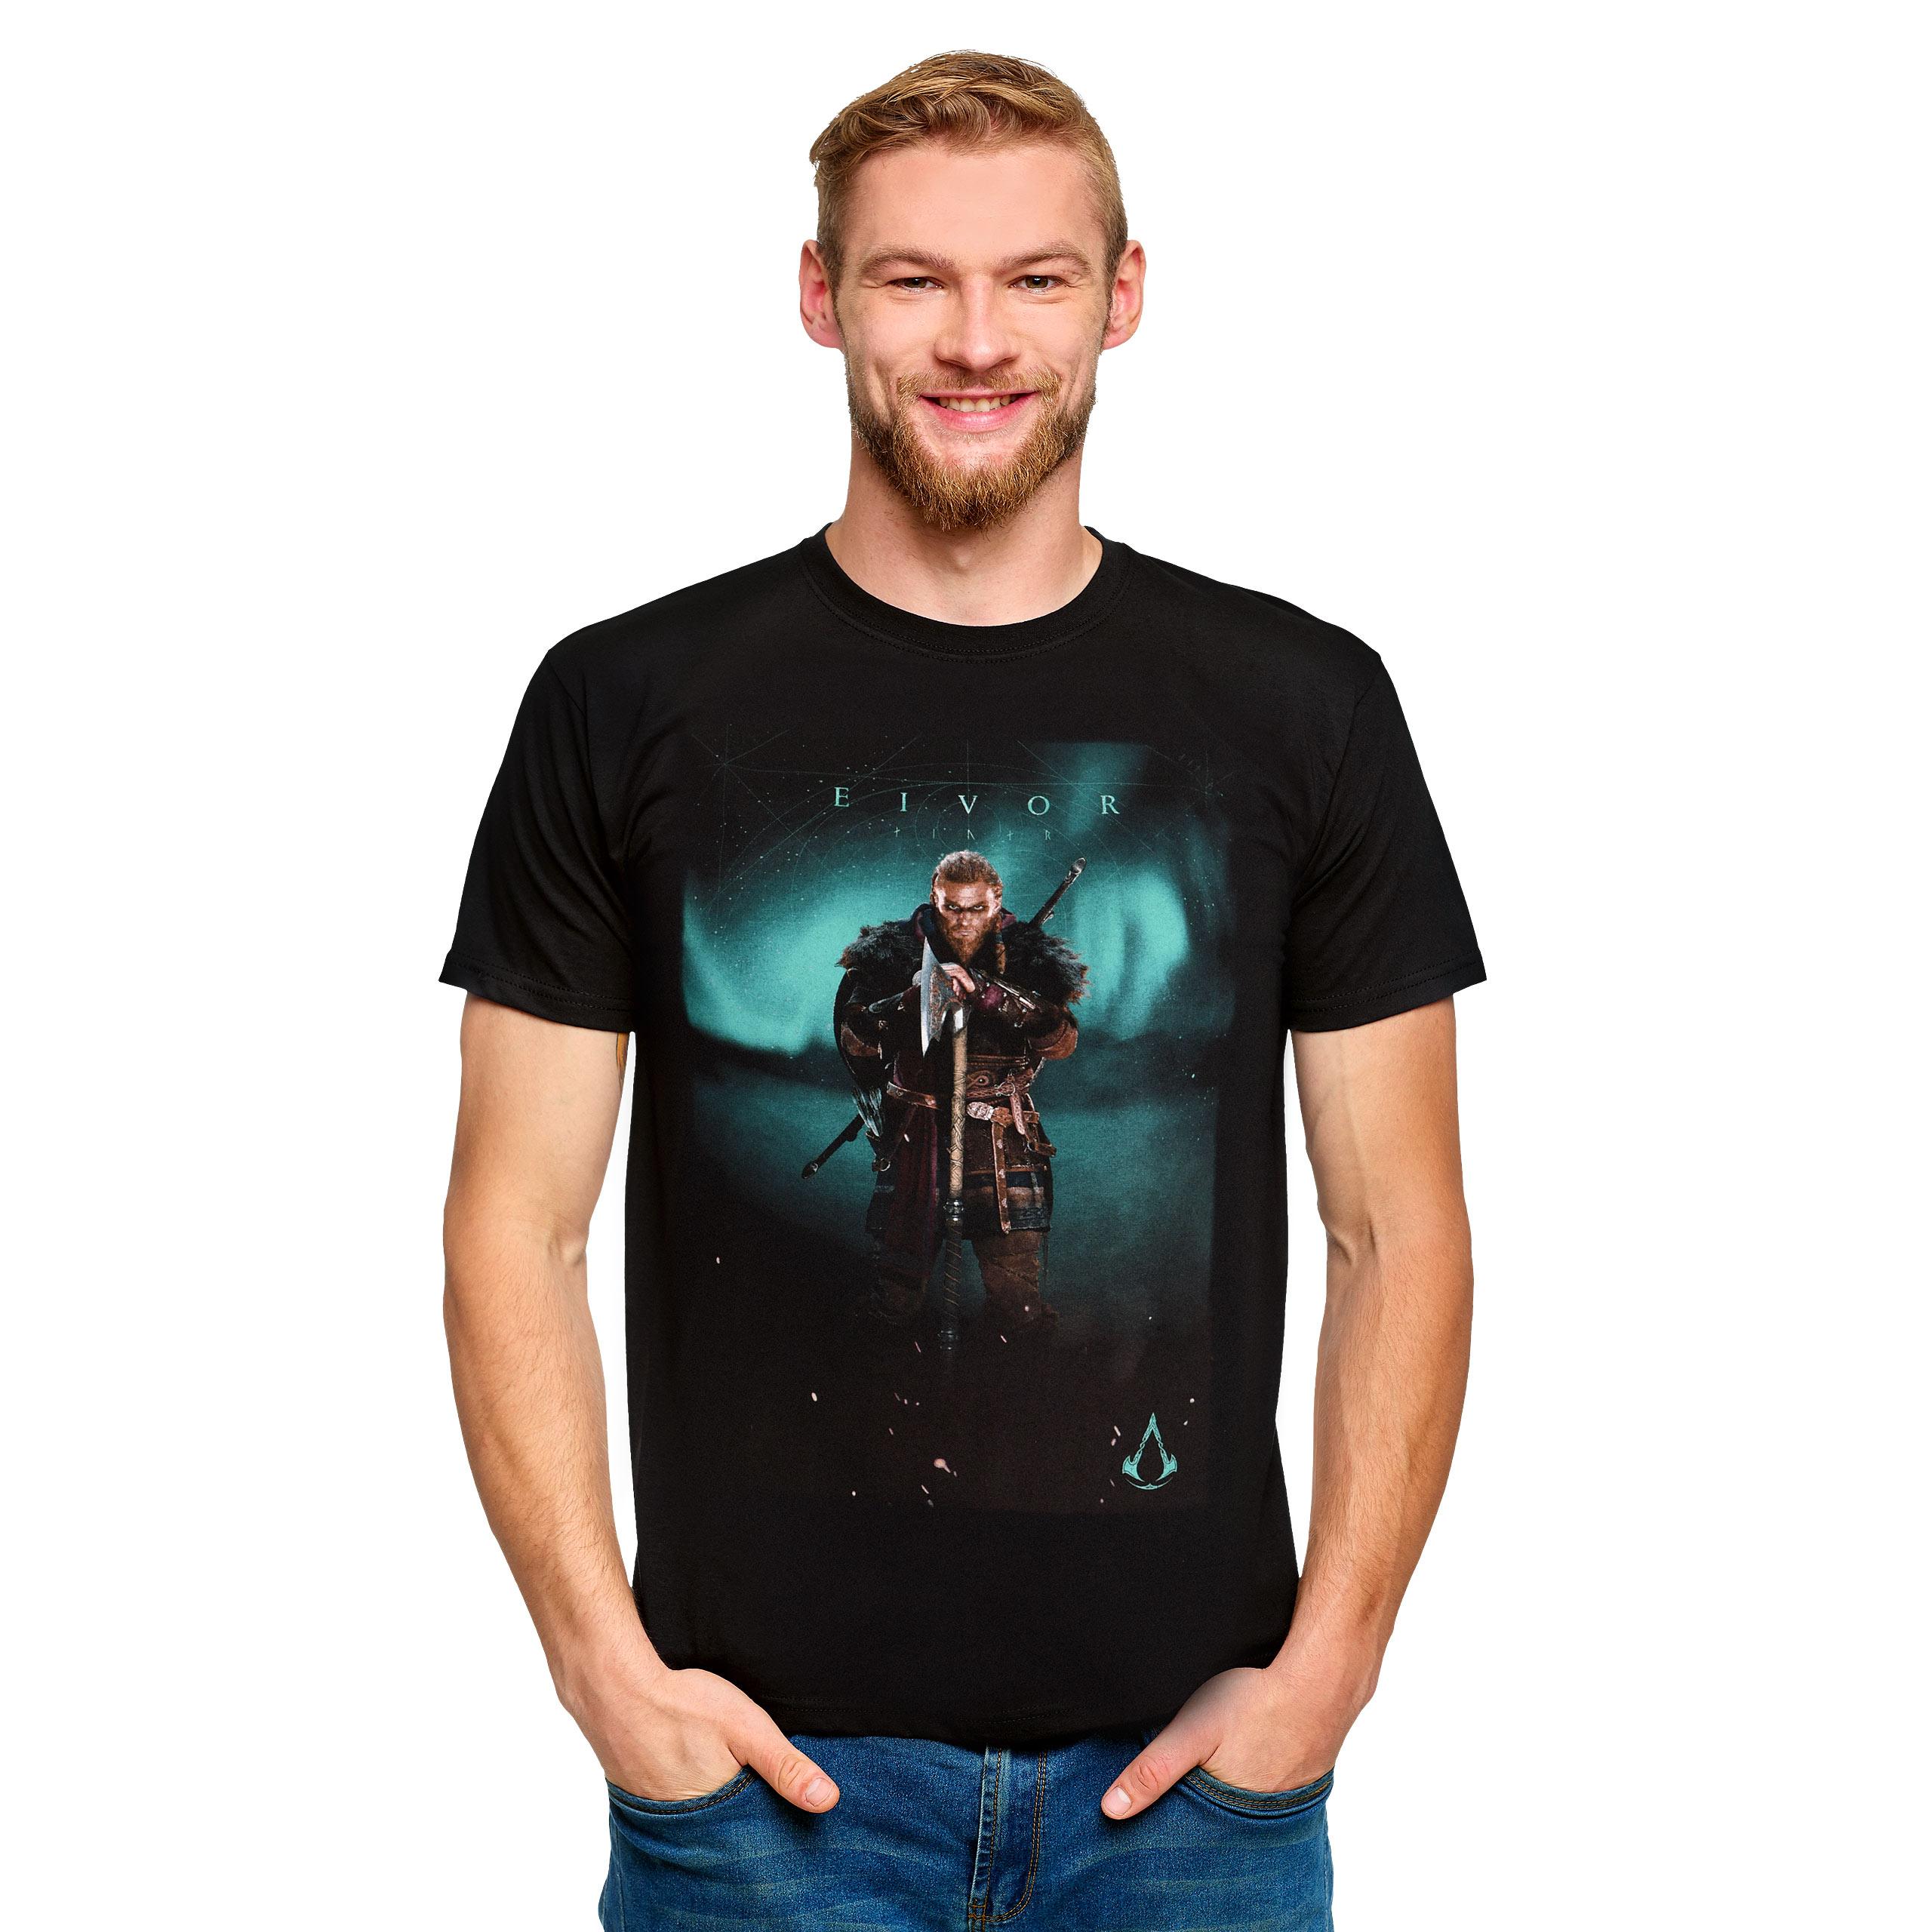 Assassin's Creed - Eivor Valhalla T-Shirt schwarz